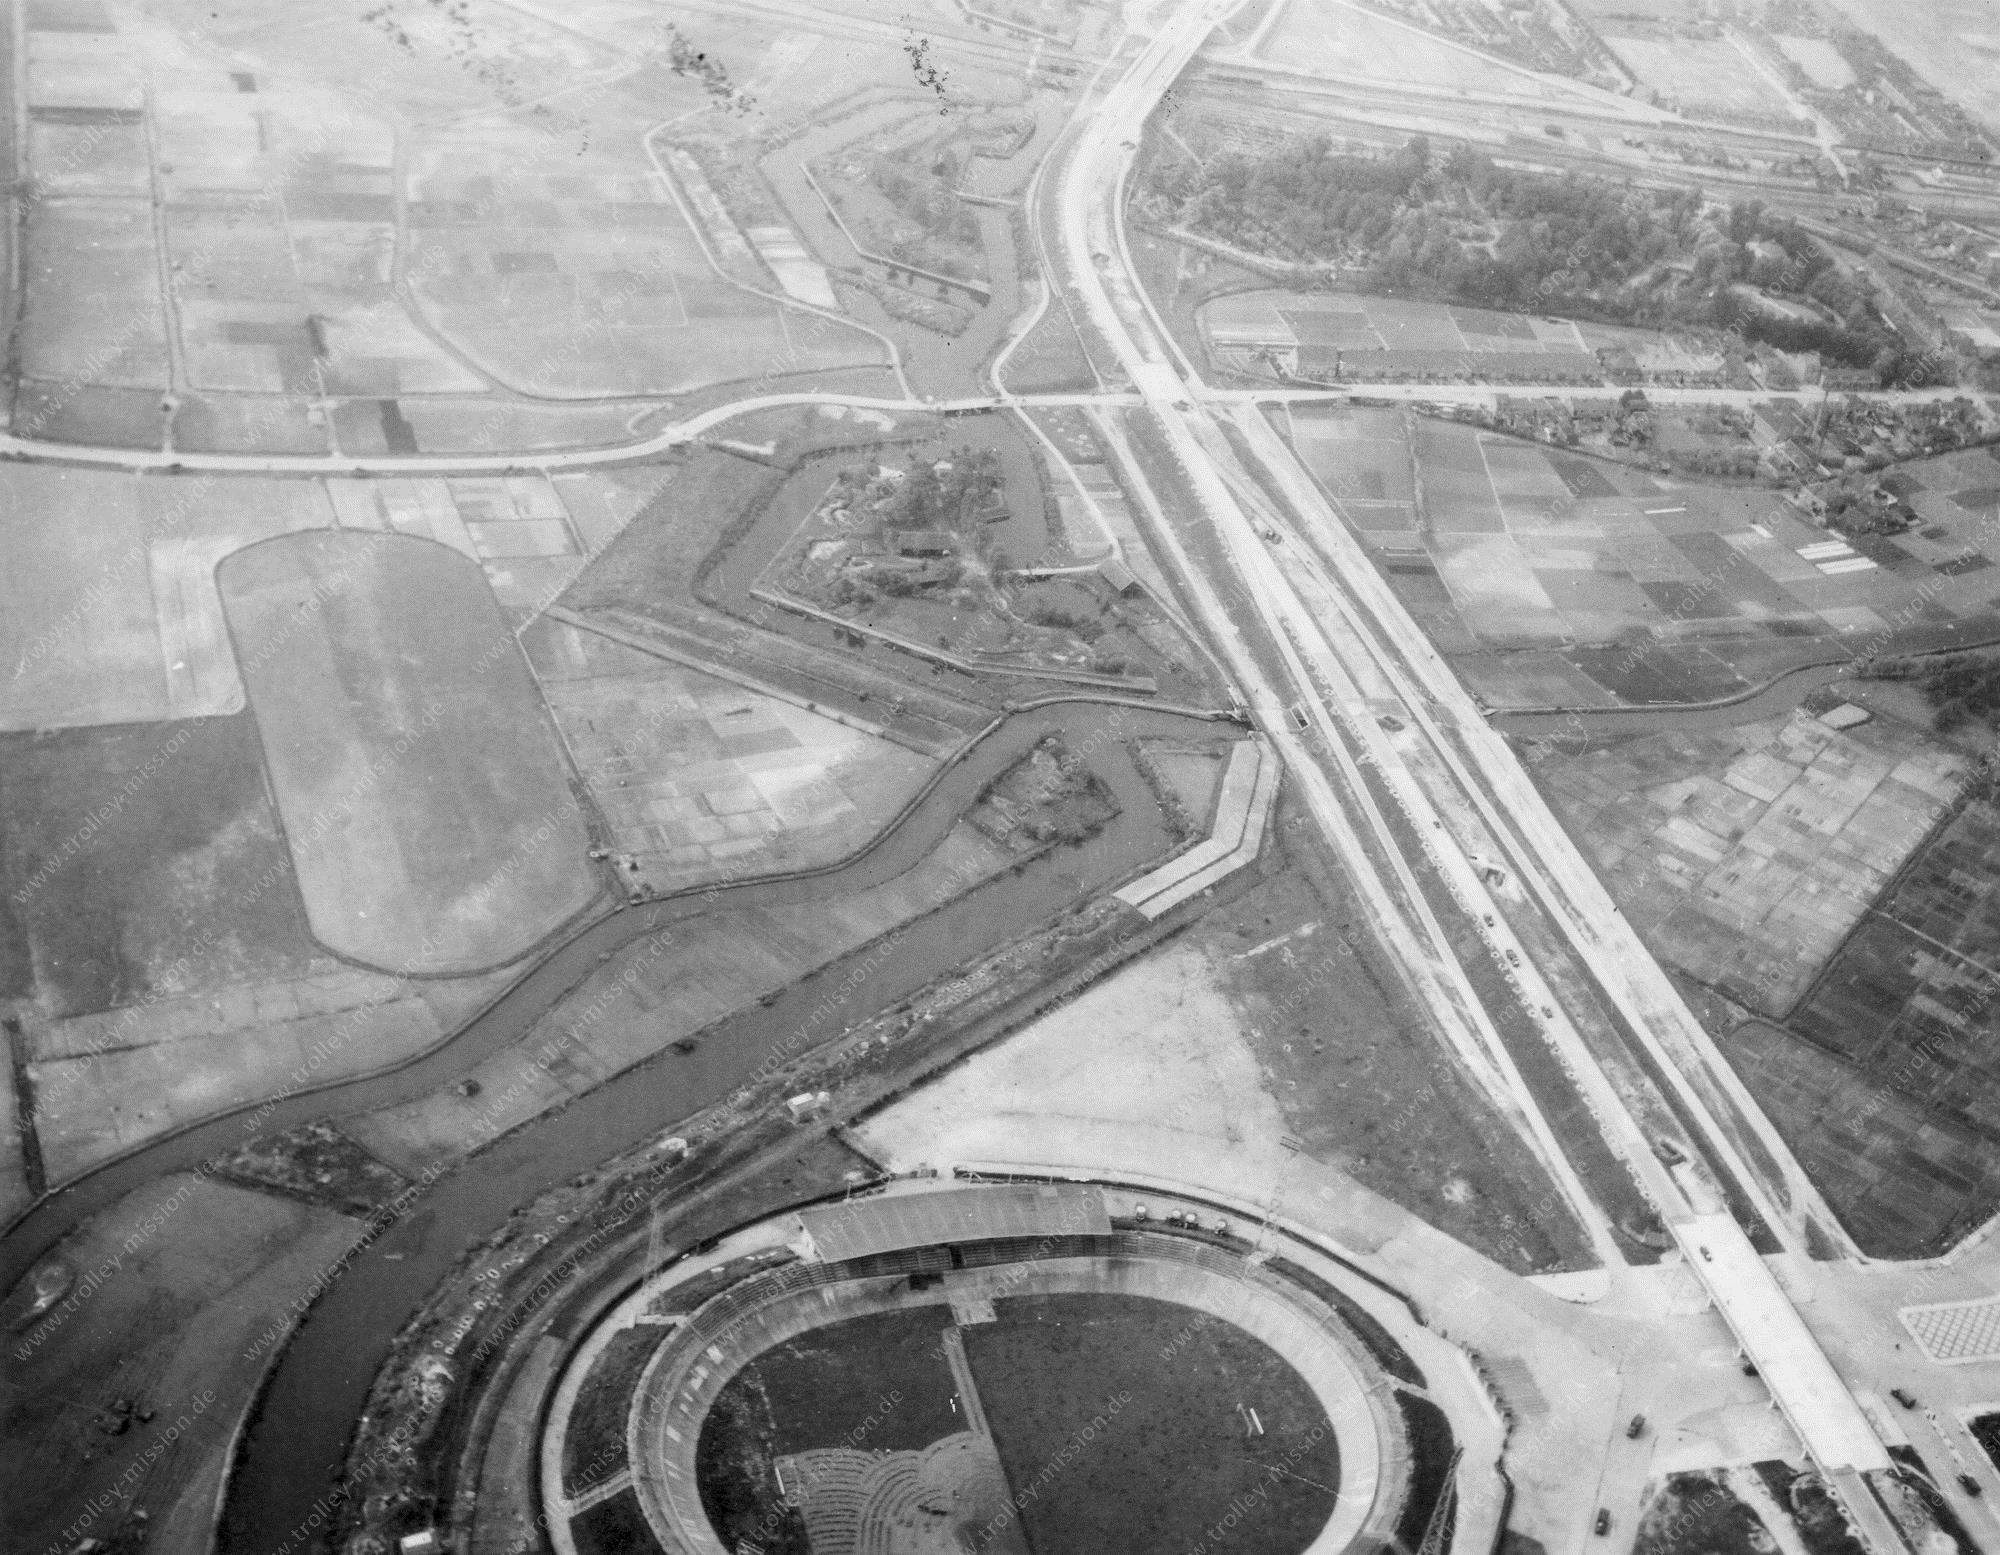 Het oude stadion Galgenwaard in Utrecht - Luchtfoto op mei 1945